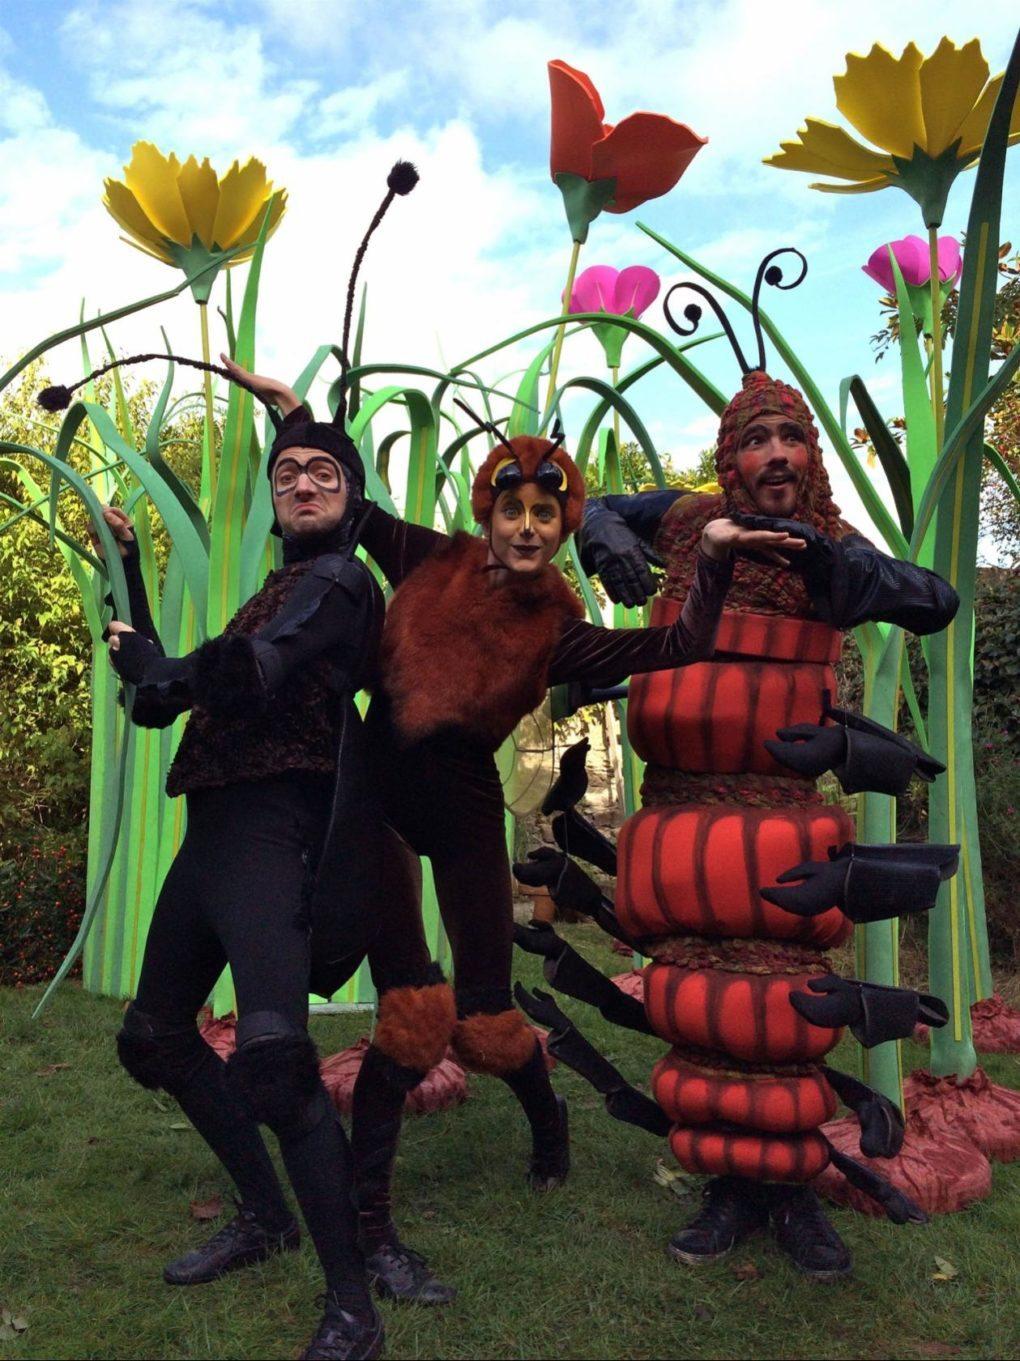 Mercredis l'été Bzzz spectacle pour enfants L'Île-d'Olonne